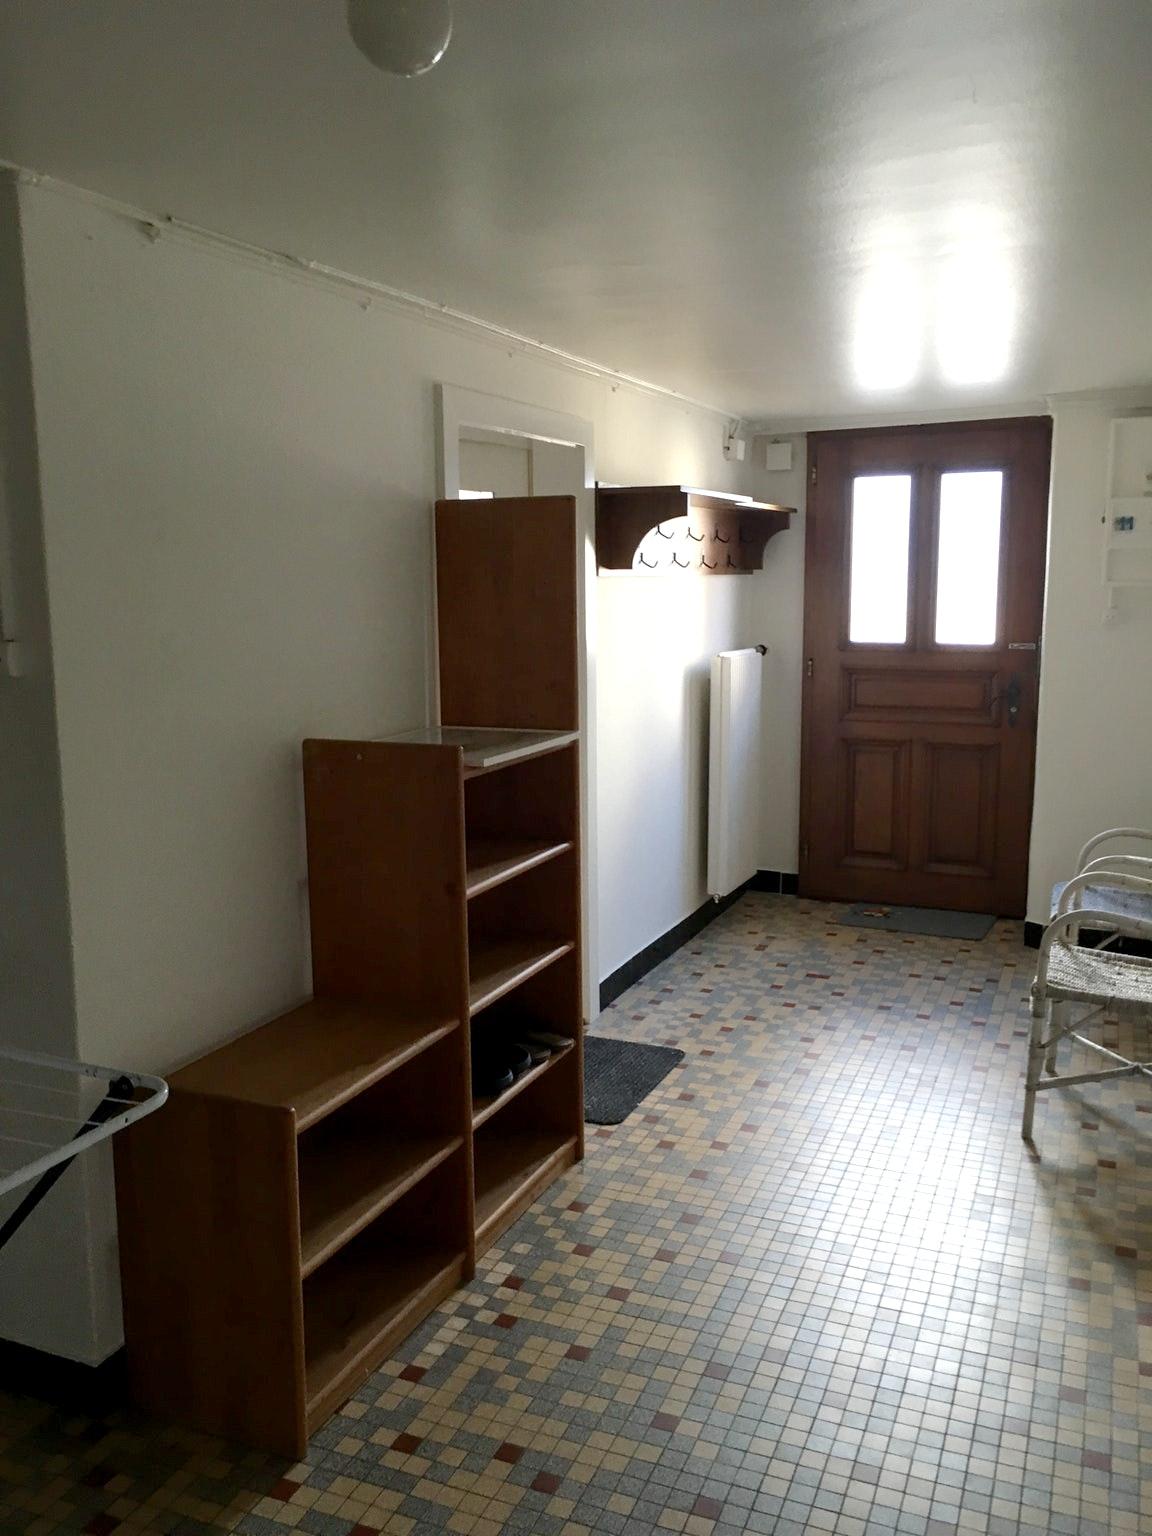 Maison de vacances Haus mit 2 Schlafzimmern in Châbles mit bezauberndem Seeblick, eingezäuntem Garten und W-L (2519223), Châbles FR, Lac de Neuchâtel, Jura - Neuchâtel, Suisse, image 8